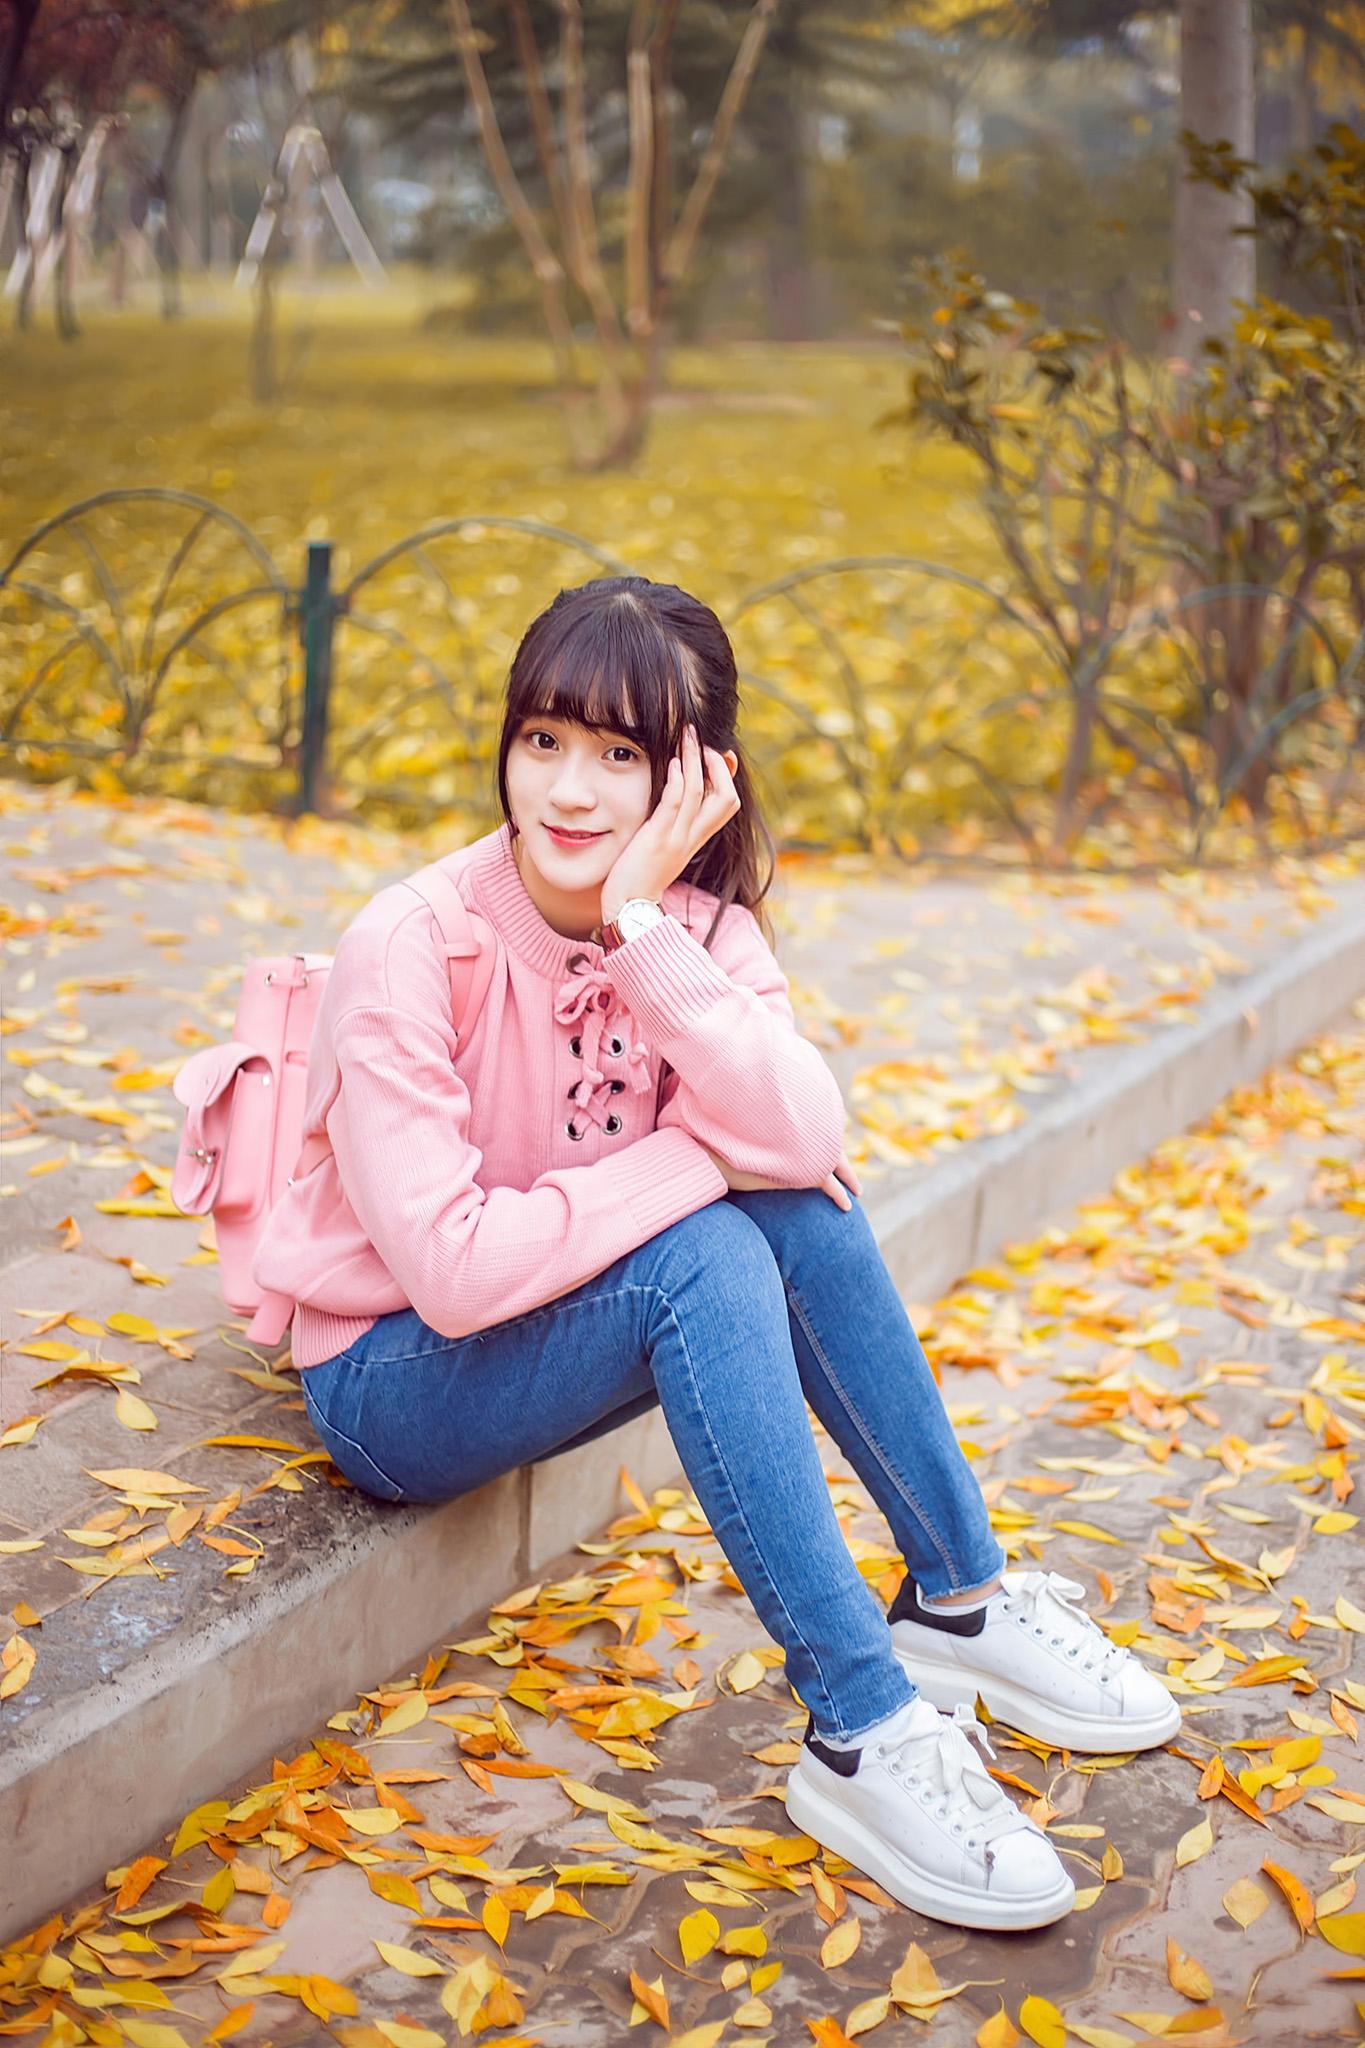 【人像摄影】金 黄 大 地  - 花仙子 - heisemeigui的的博客